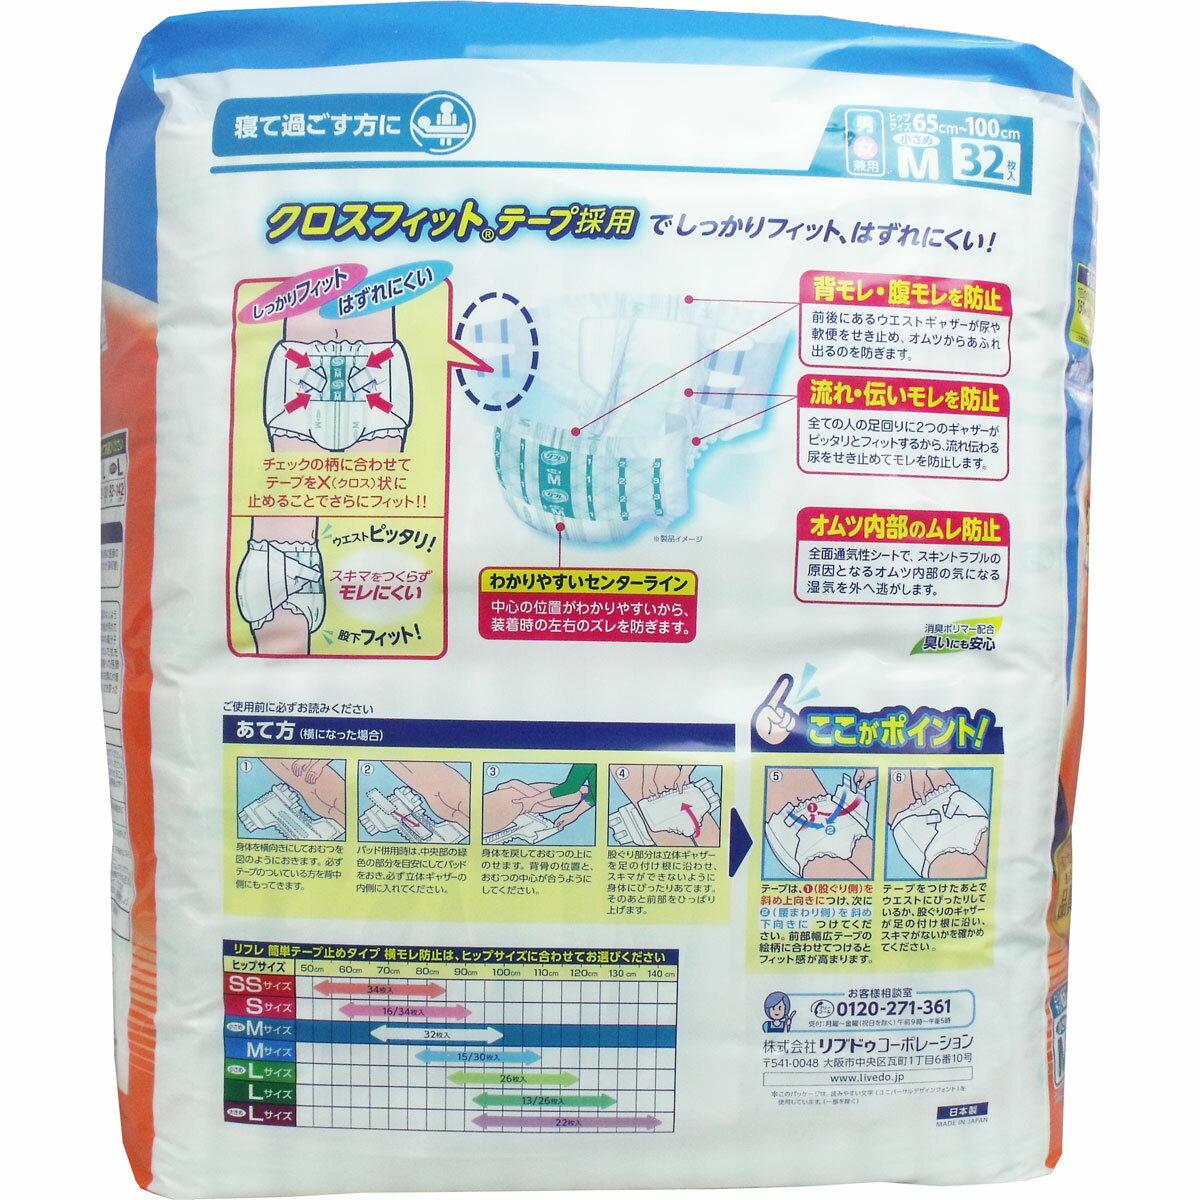 成人紙尿布 *日本進口*『康森銀髮生活館』無障礙輔具專賣店 1